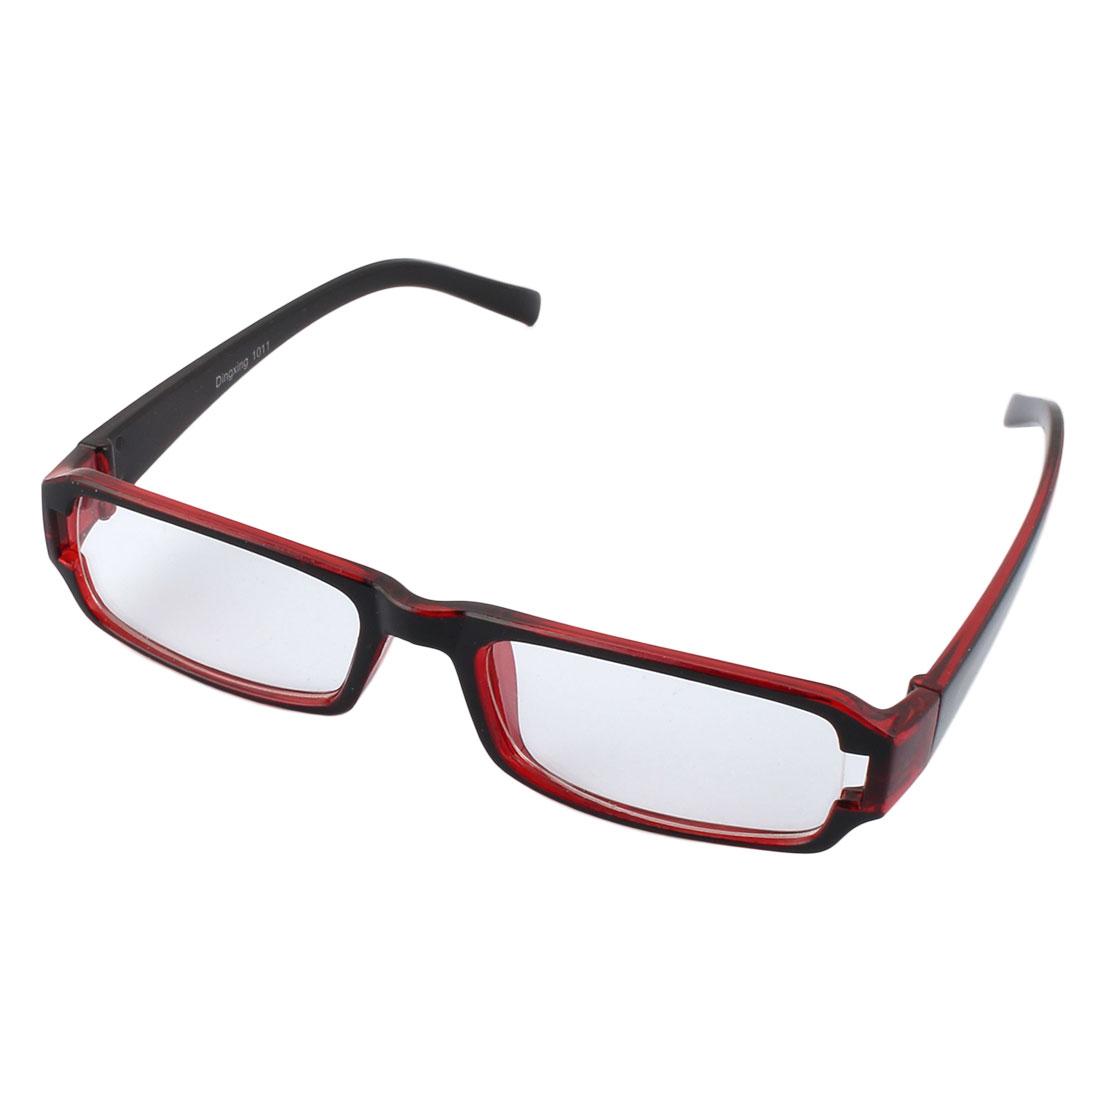 Plastic Full Frame Single Bridge Eyewear Eyeglass Spectacles for Women